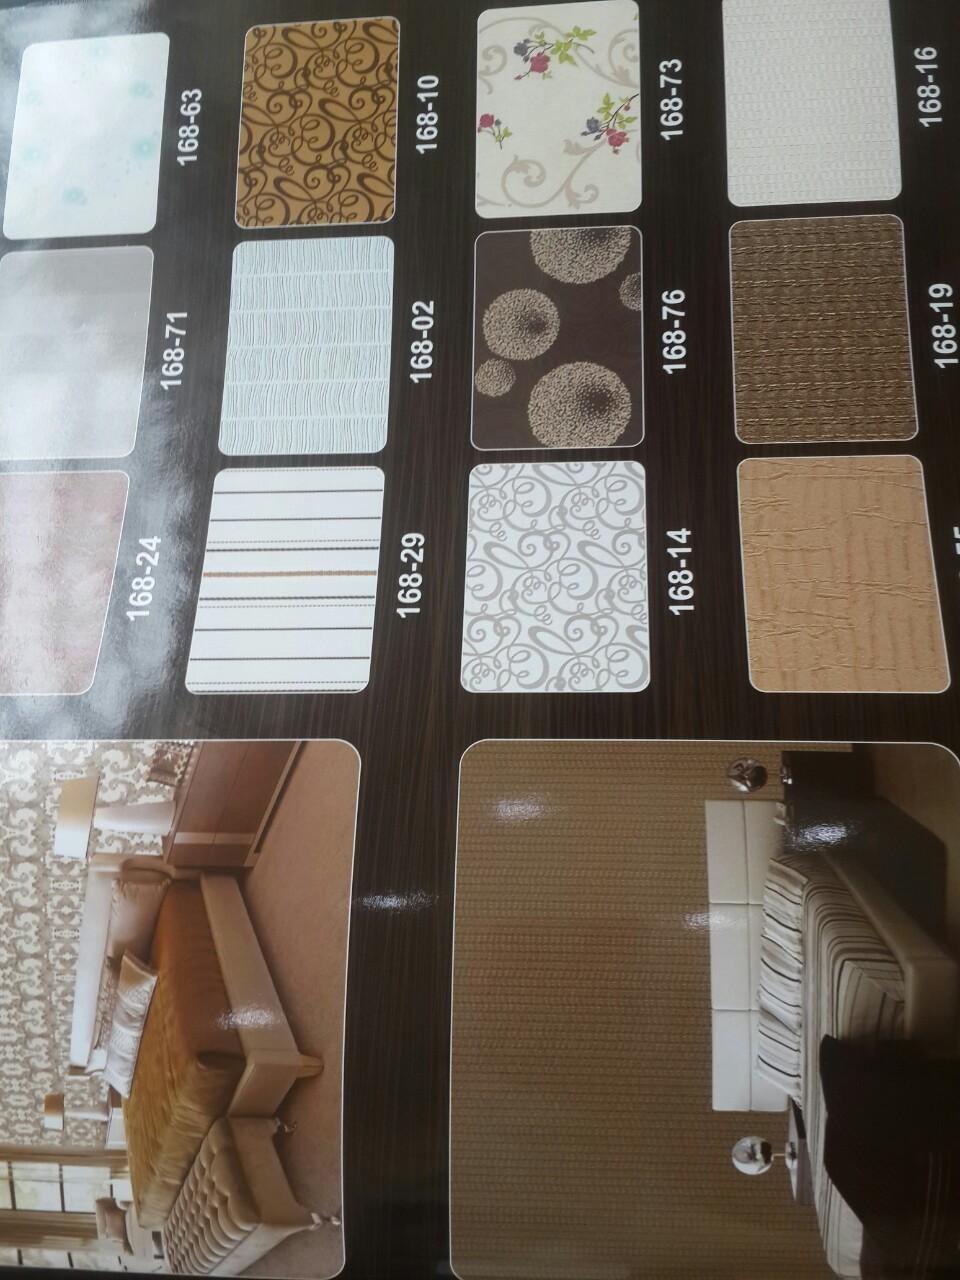 Vải dán tường sợi thủy tinh là lựa chọn thông minh trong trang trí nội thất(1)